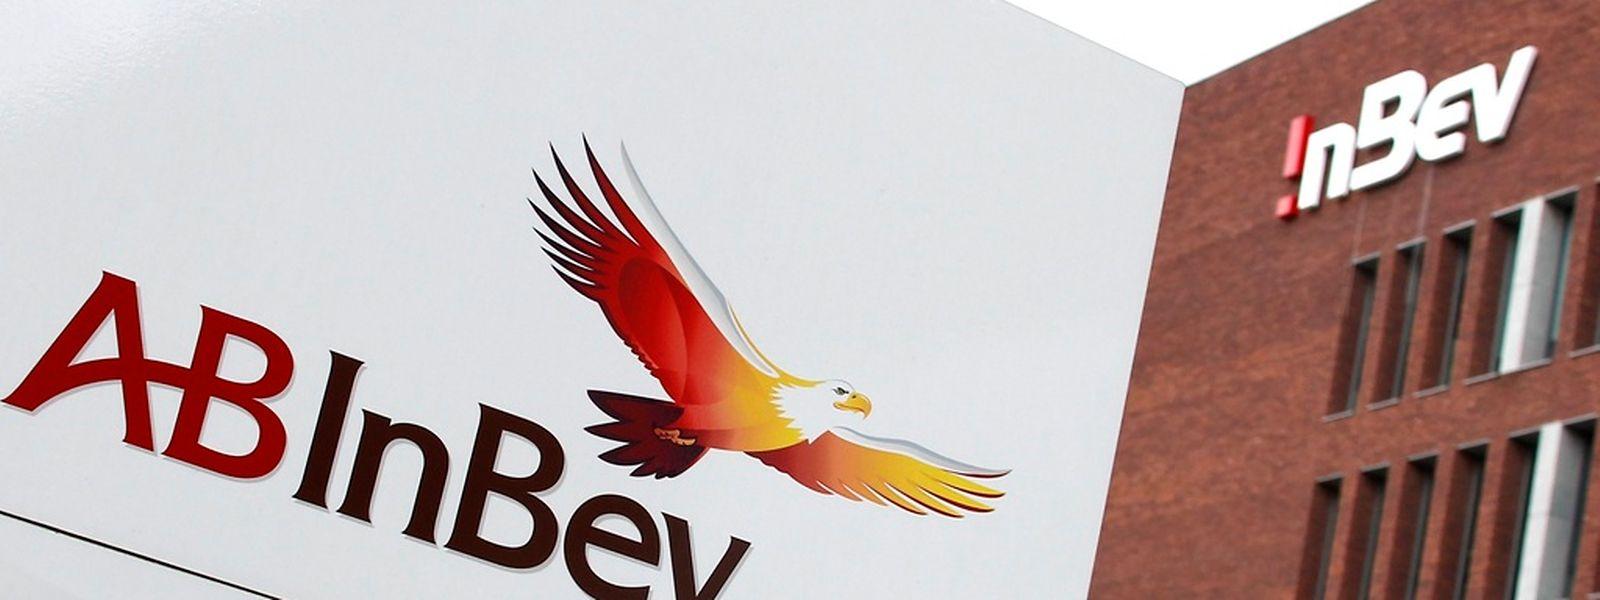 Das Unternehmen erhöhte die Dividende für das vergangene Jahr um 46 Prozent auf 3 Euro je Aktie. Zudem will AB Inbev eigene Aktien für eine Milliarde Dollar zurückkaufen.